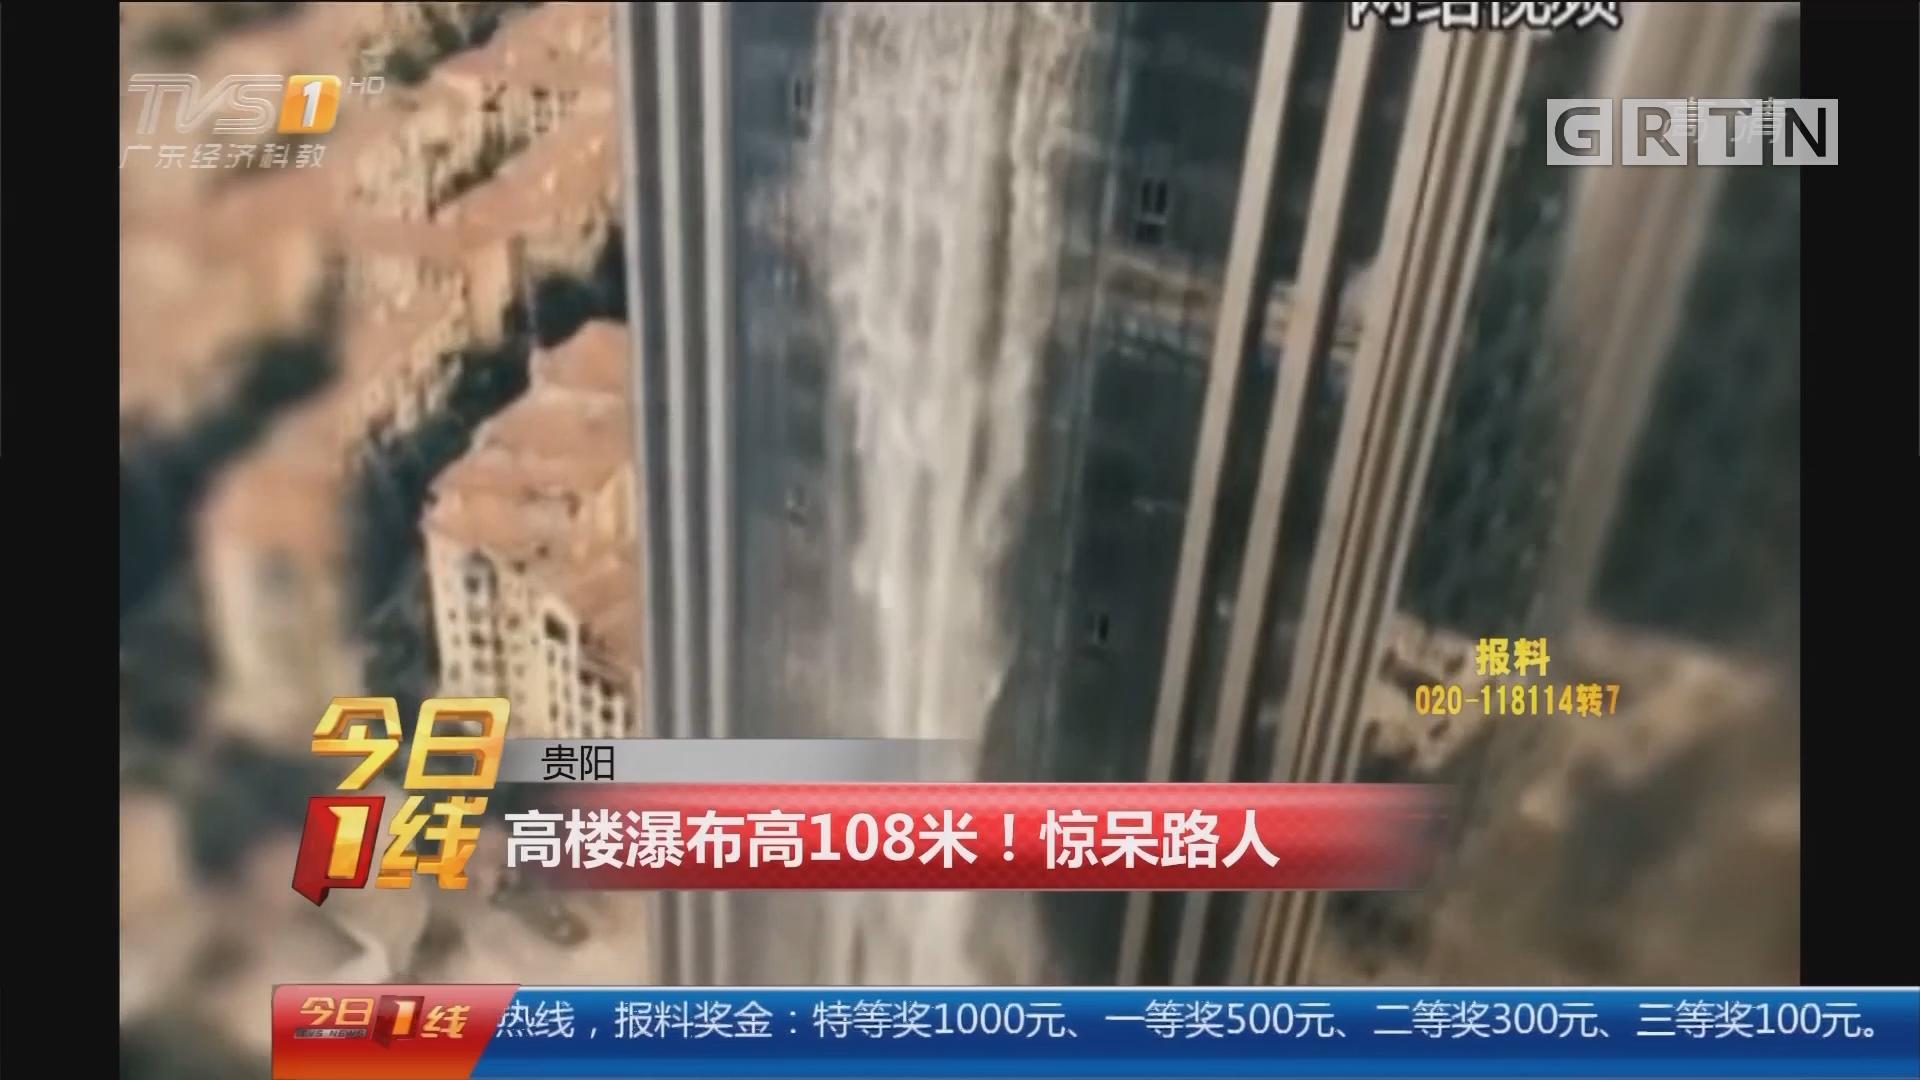 贵阳:高楼瀑布高108米!惊呆路人